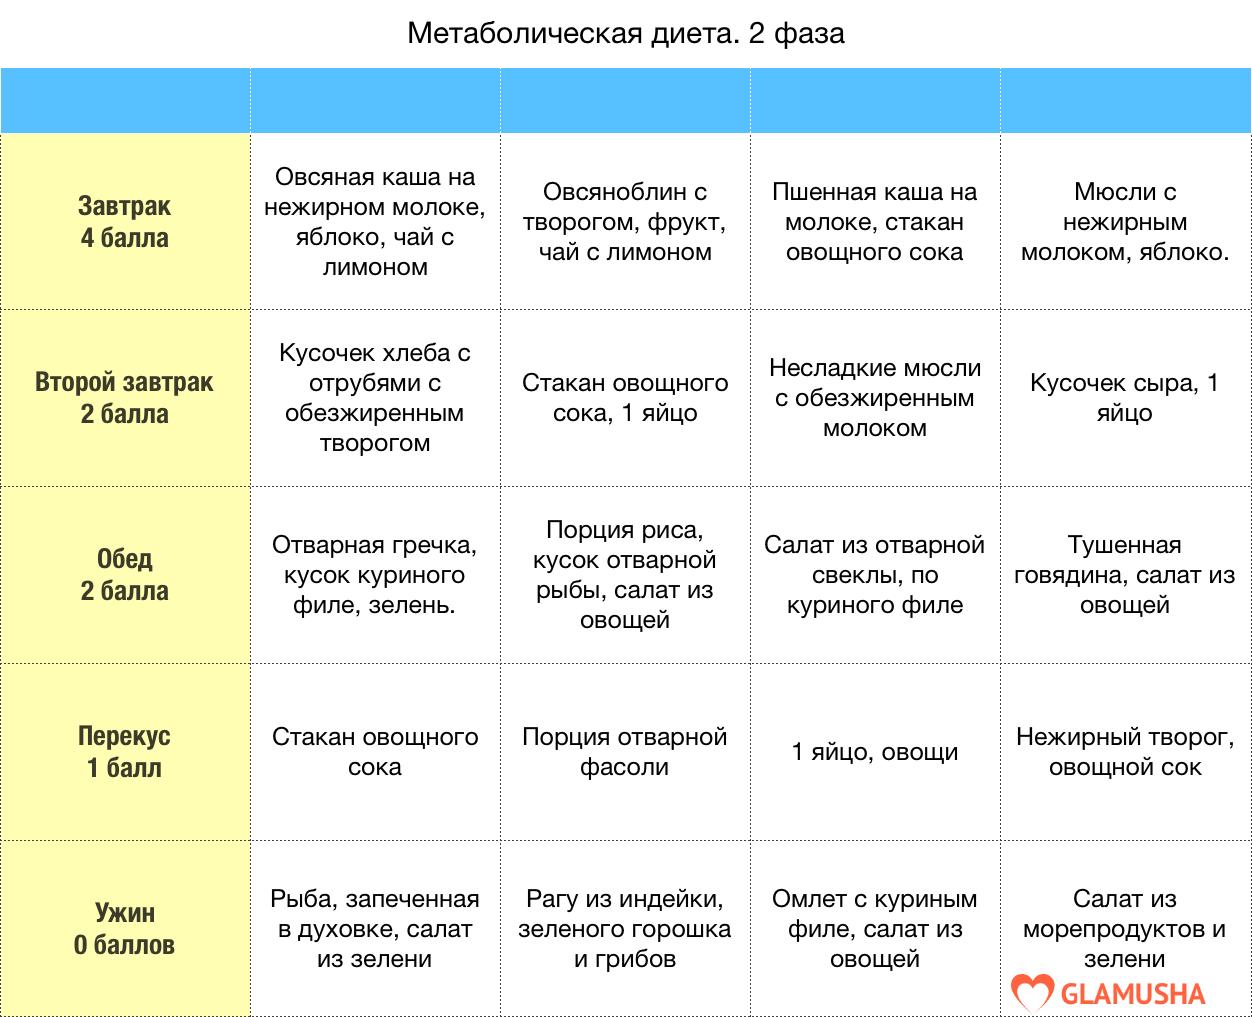 метаболическая диета меню 2 фазы